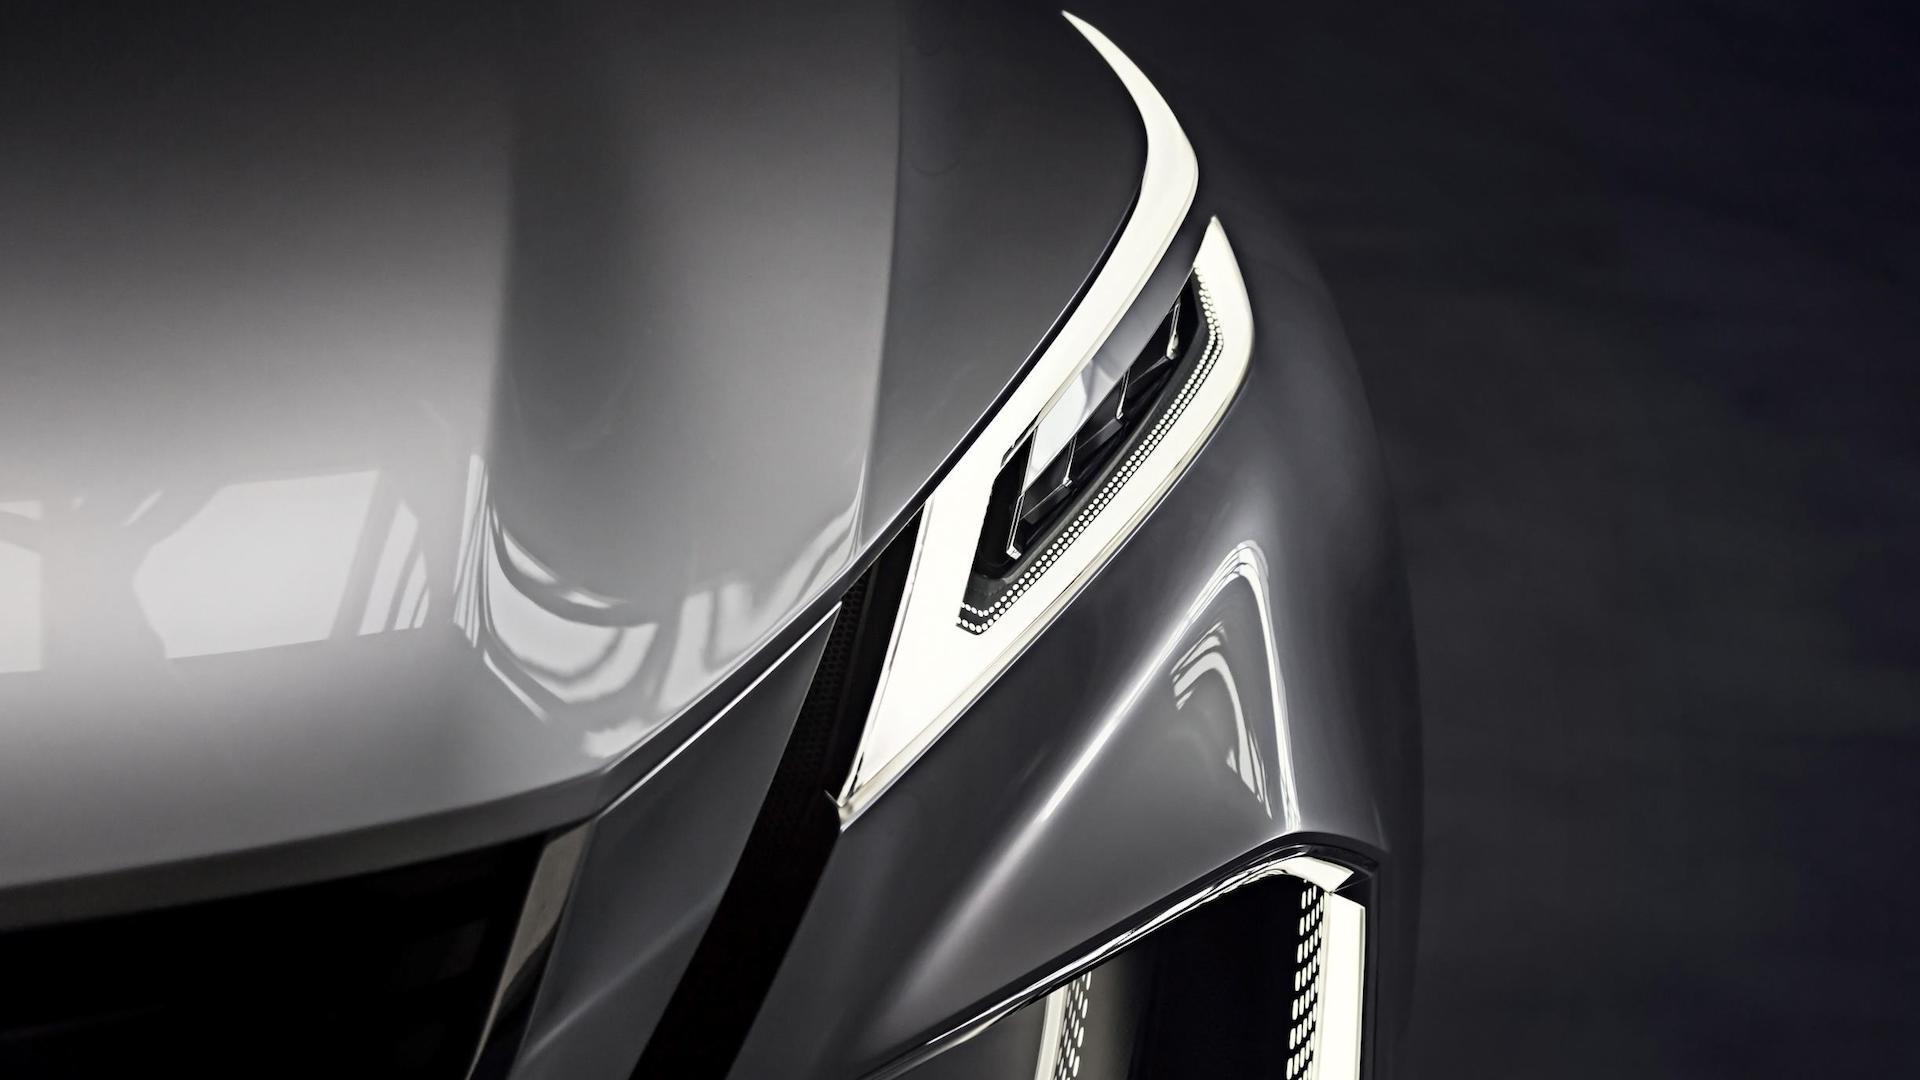 NissanConceptVMotion-18012017-in3